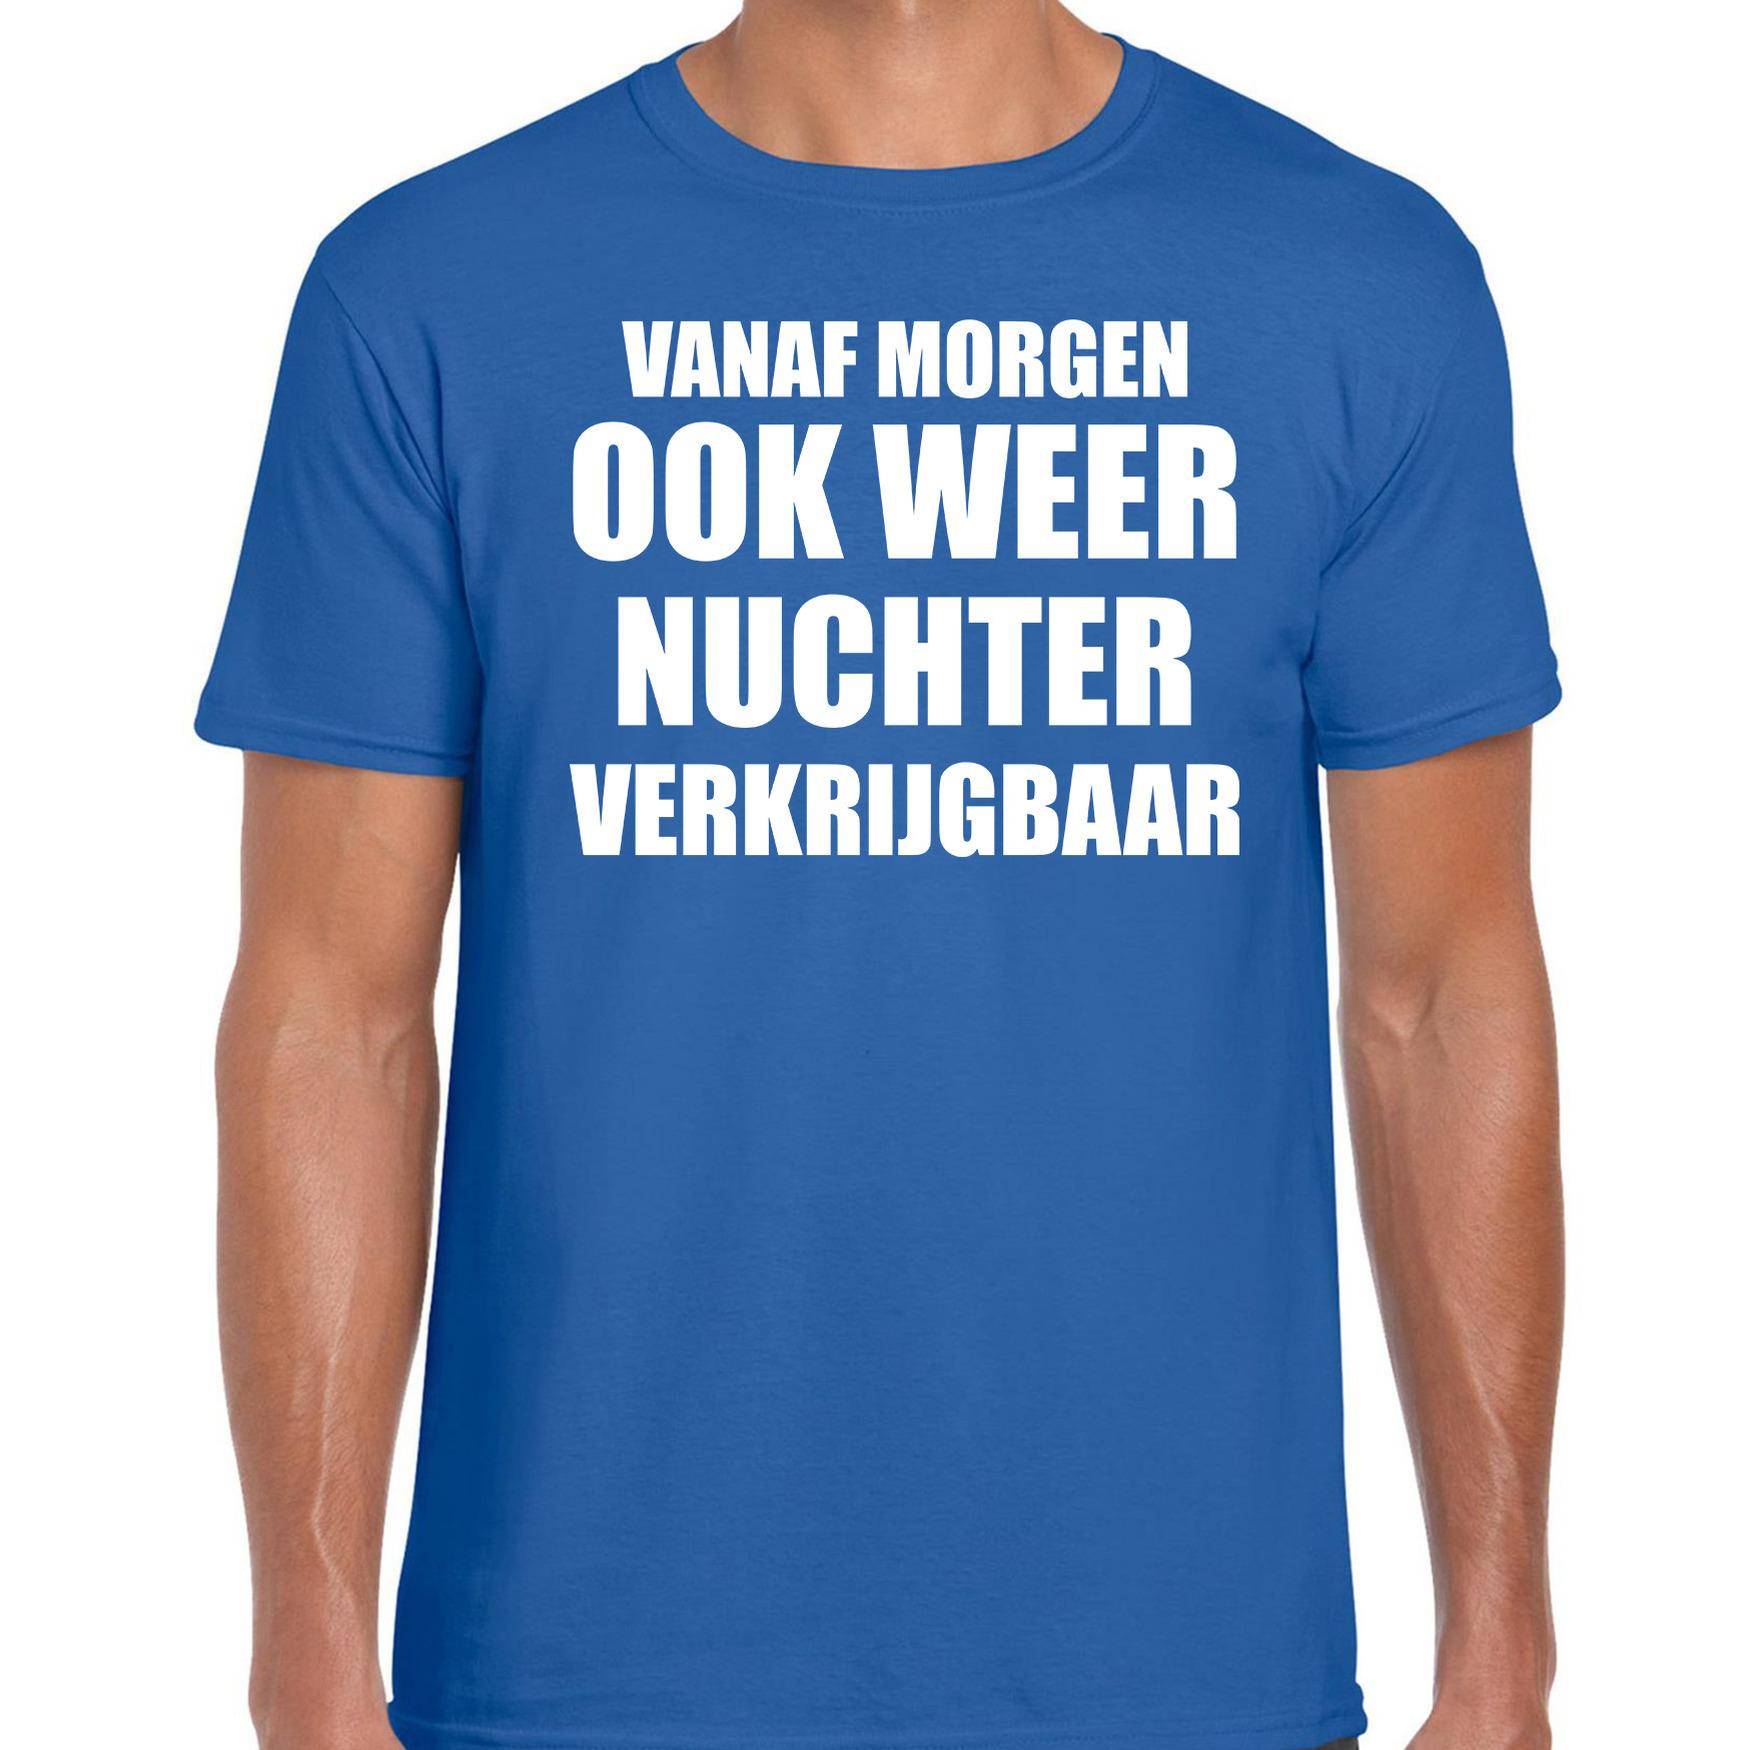 Feest t-shirt morgen nuchter verkrijgbaar blauw voor heren L -